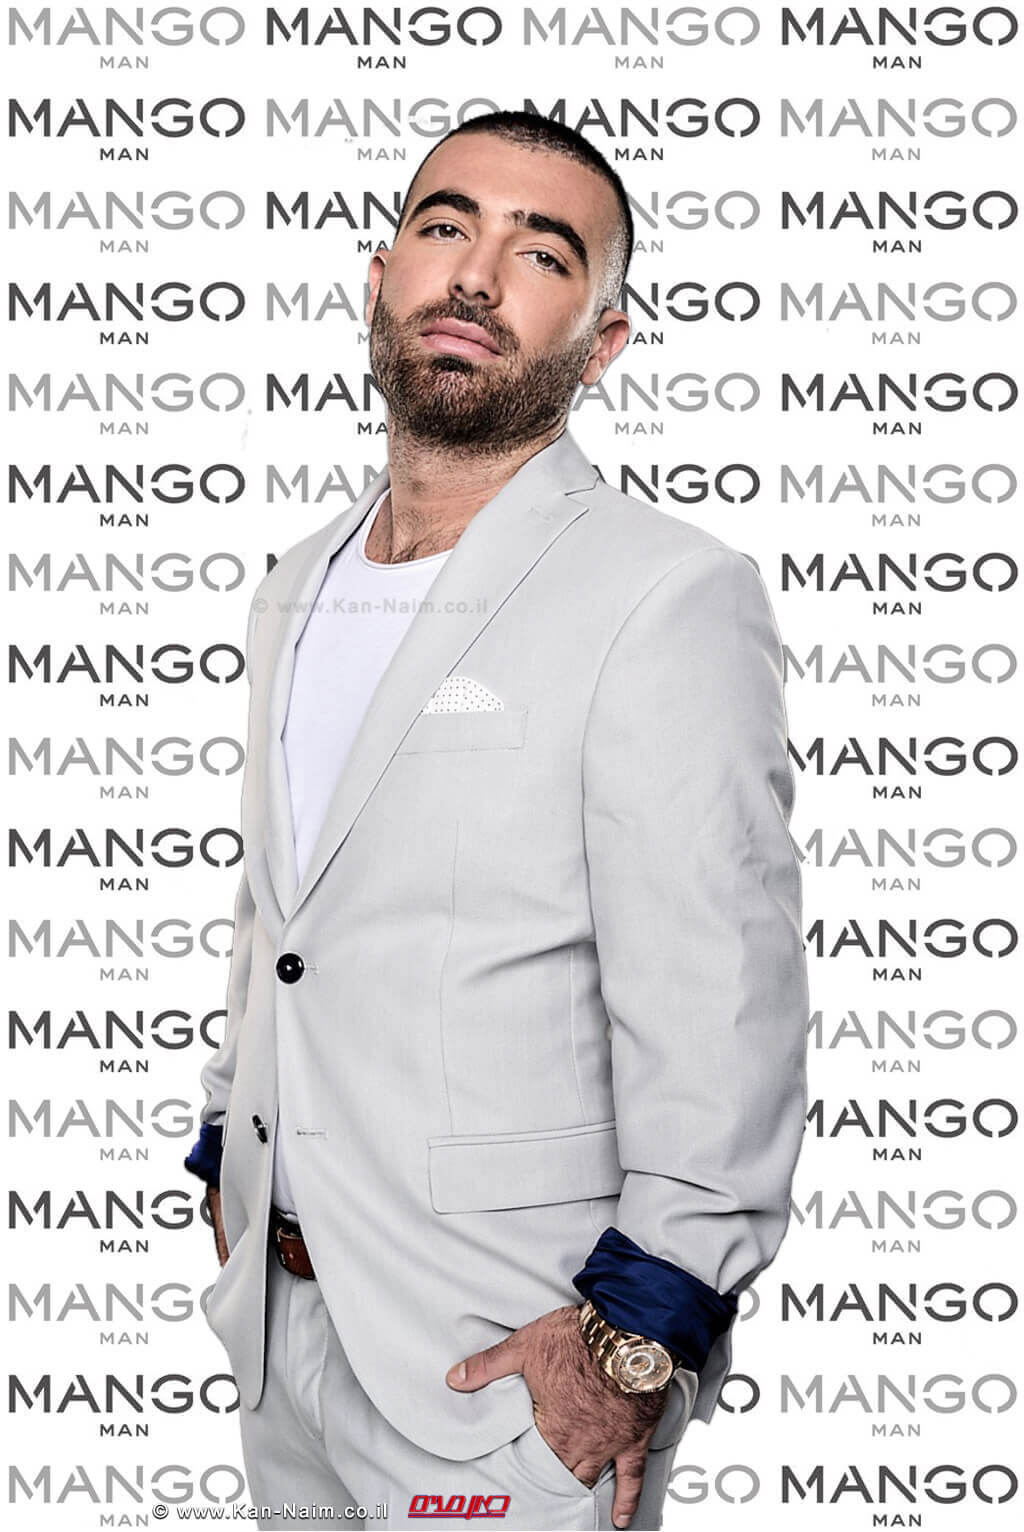 עומר אדם נבחר פרזנטור מותג הגברים Fashion MANGO Man Israel  צילום: משה נחמוביץ עיבוד צילום: שולי סונגו ©